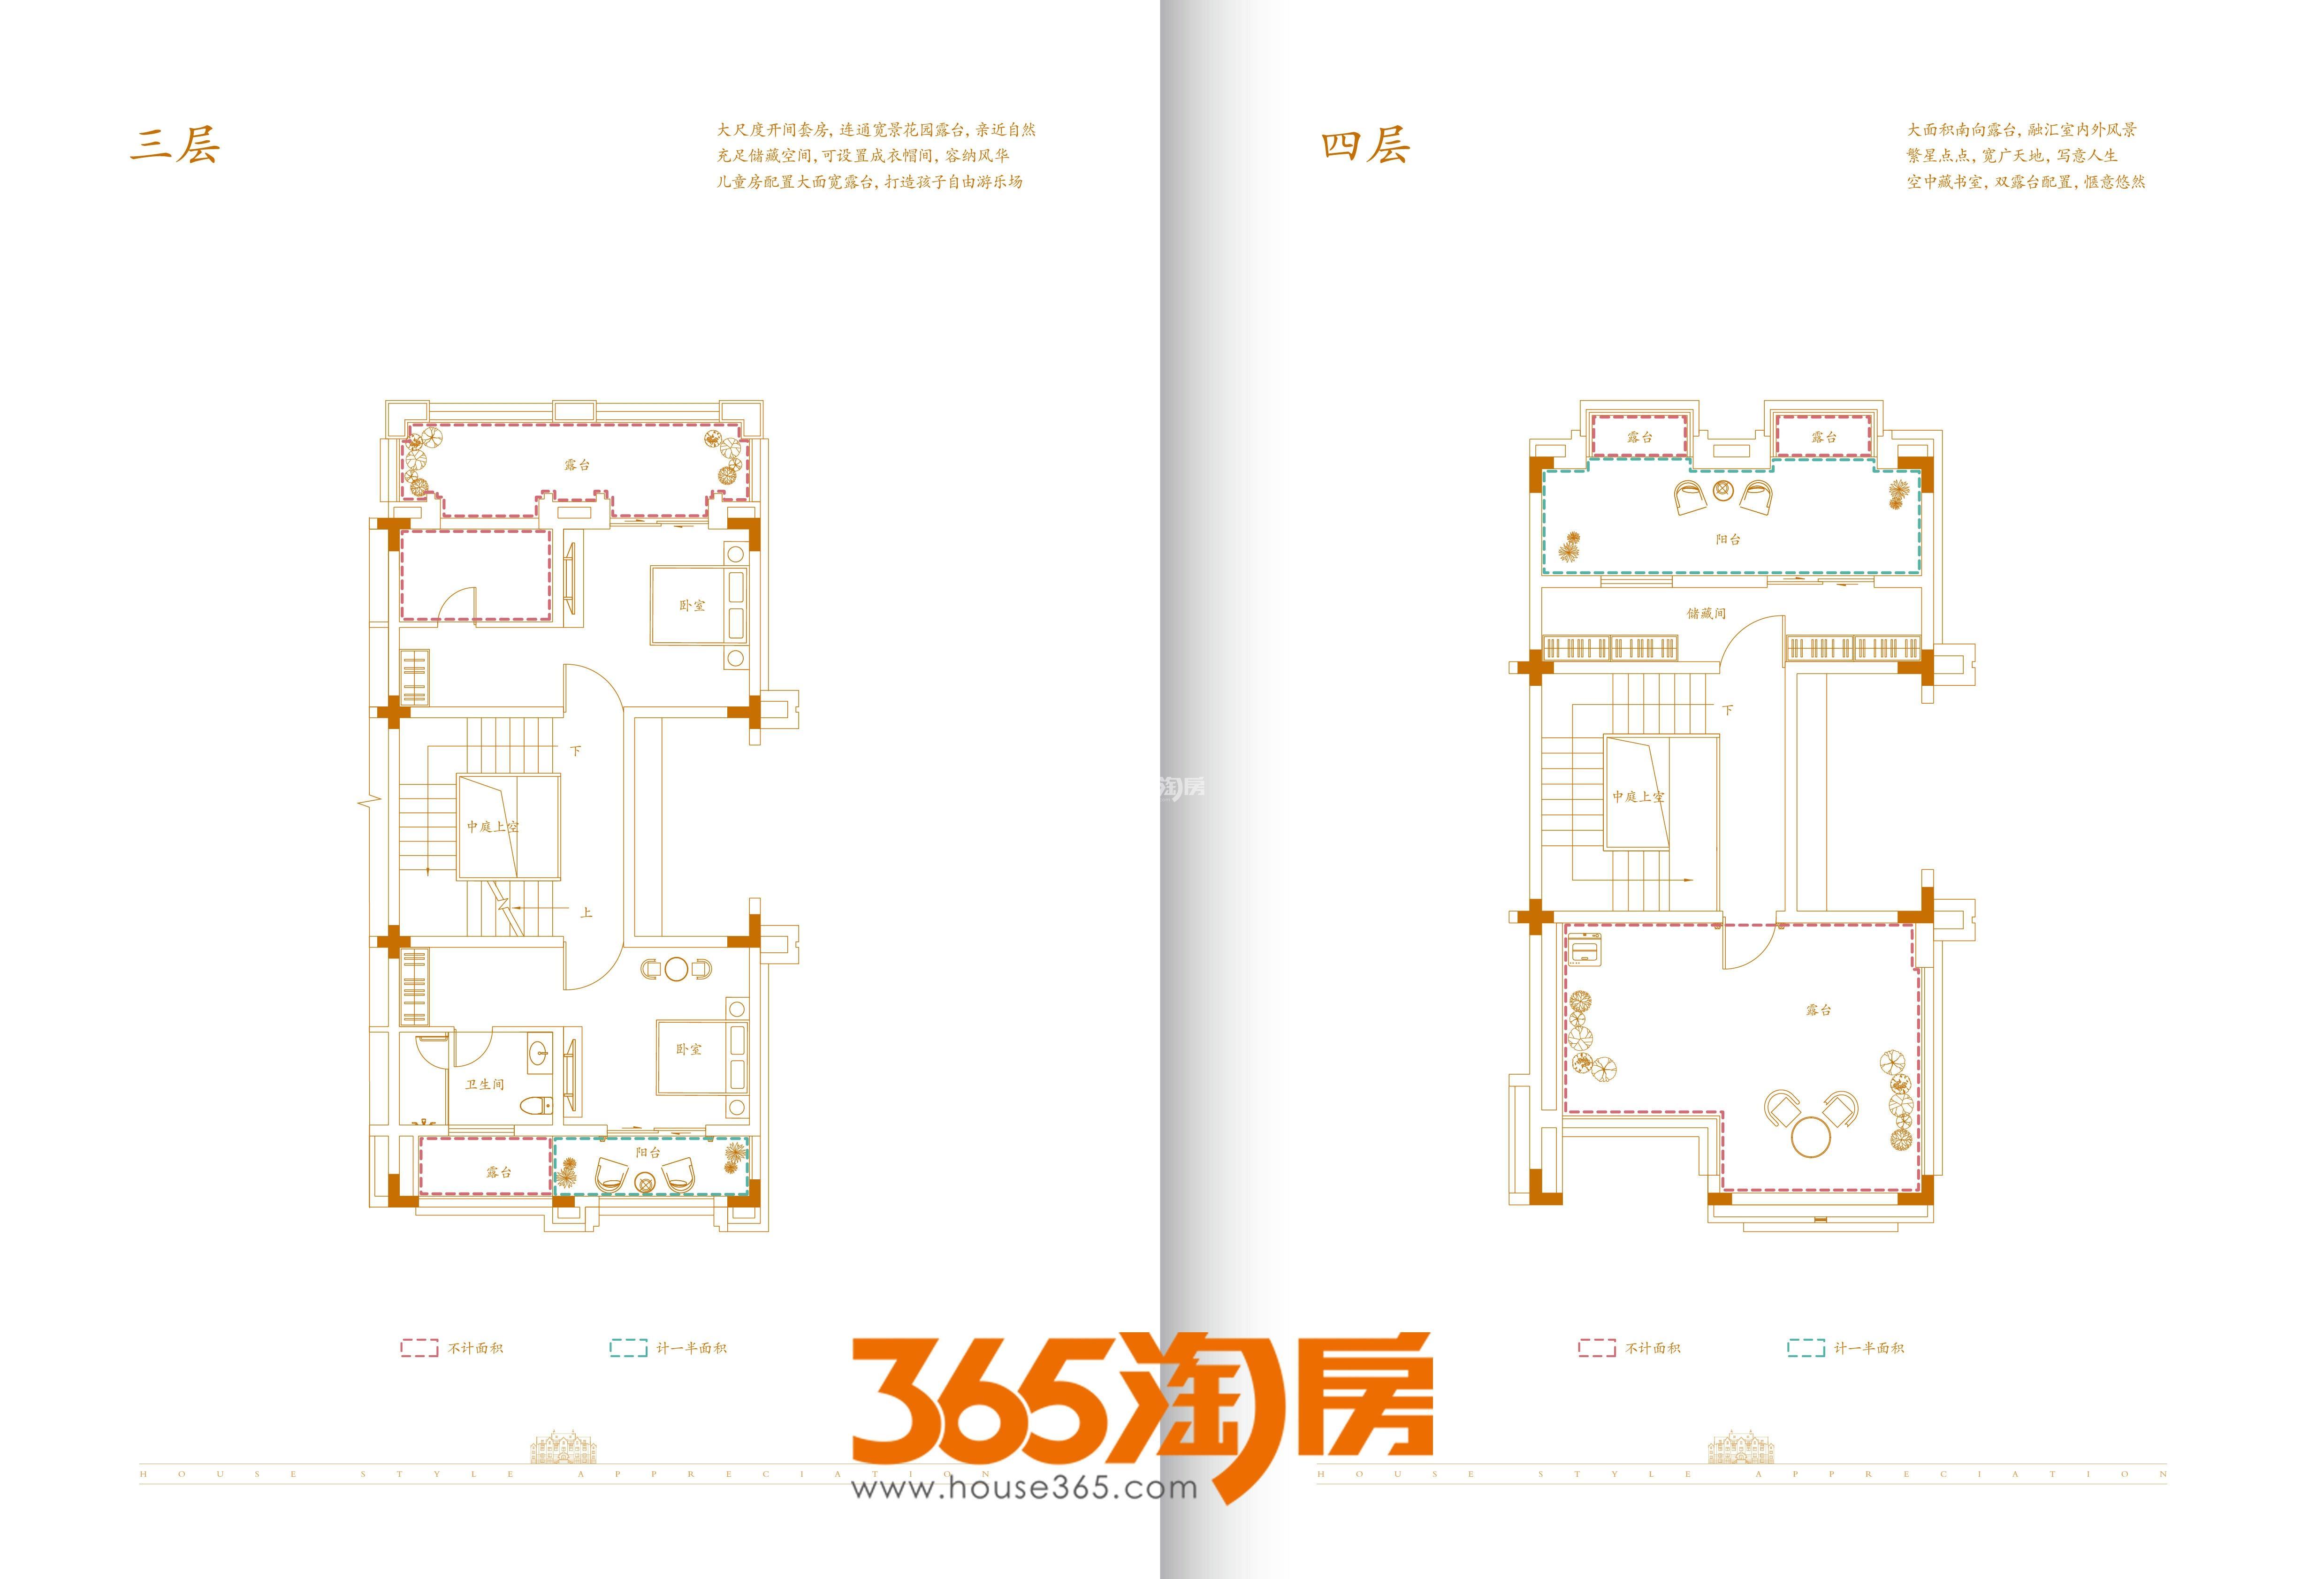 合肥云谷别墅339㎡三层四层户型图